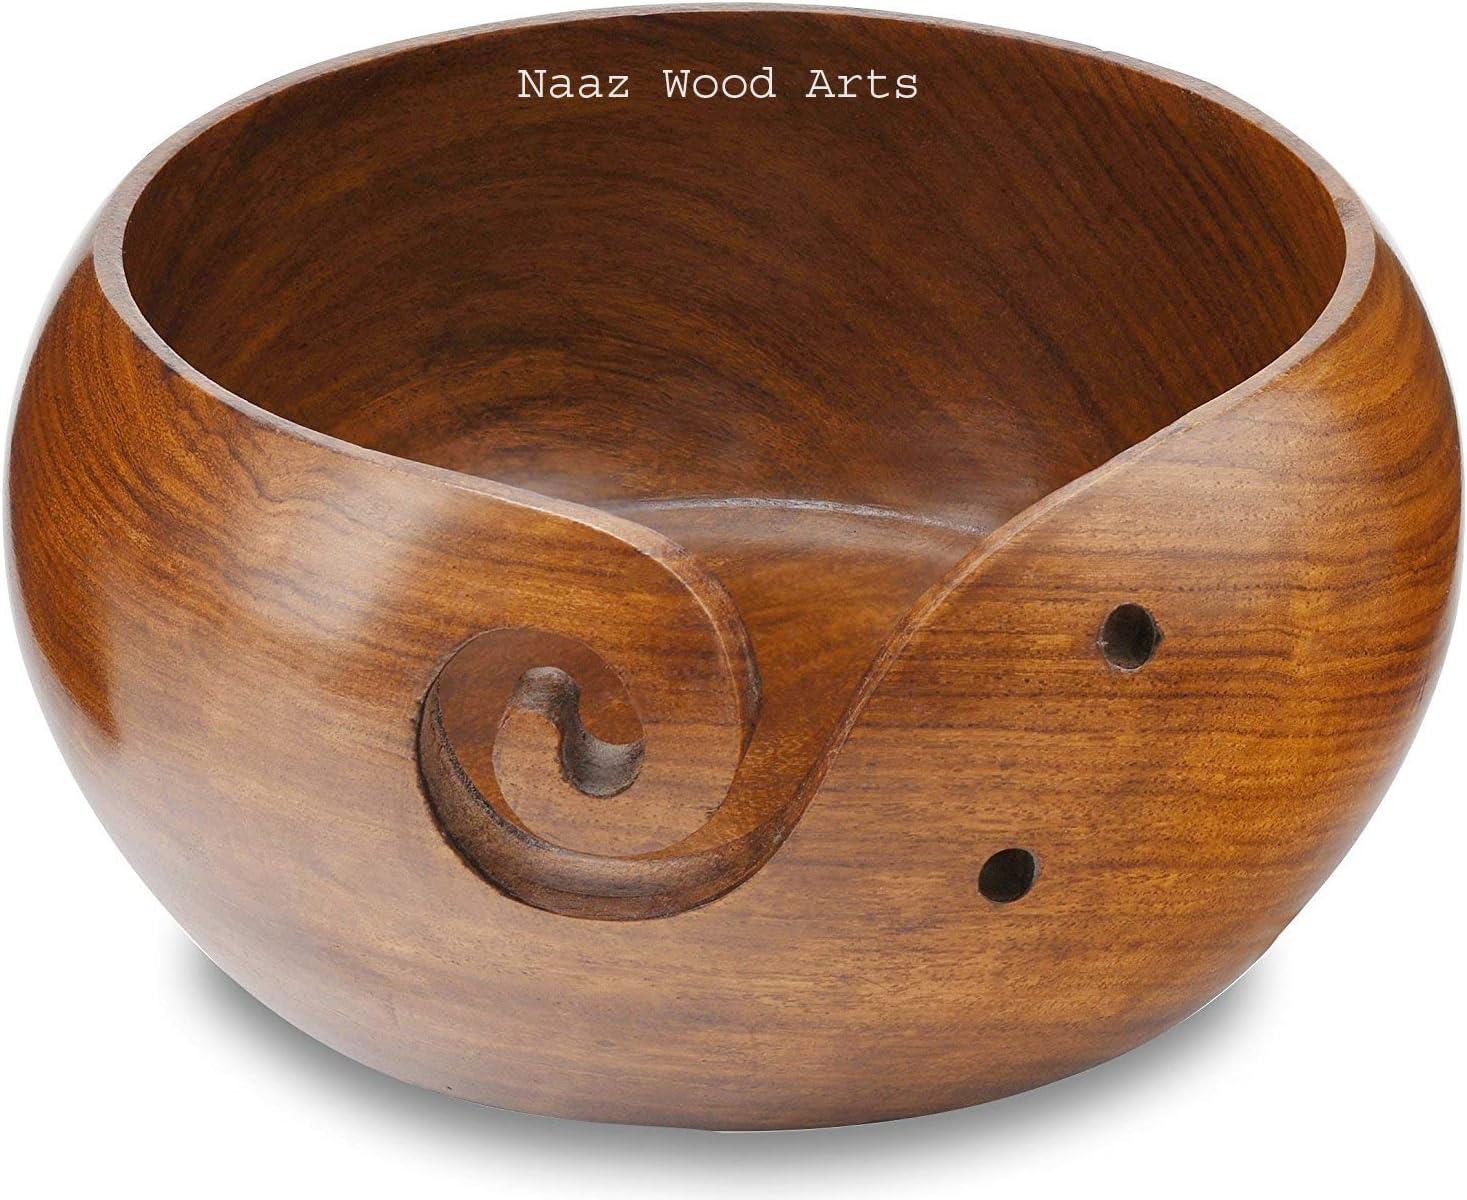 Crochet For Moms Mango Wood Yarn Bowl 6 inch for knitting Handmade Wooden Bowl